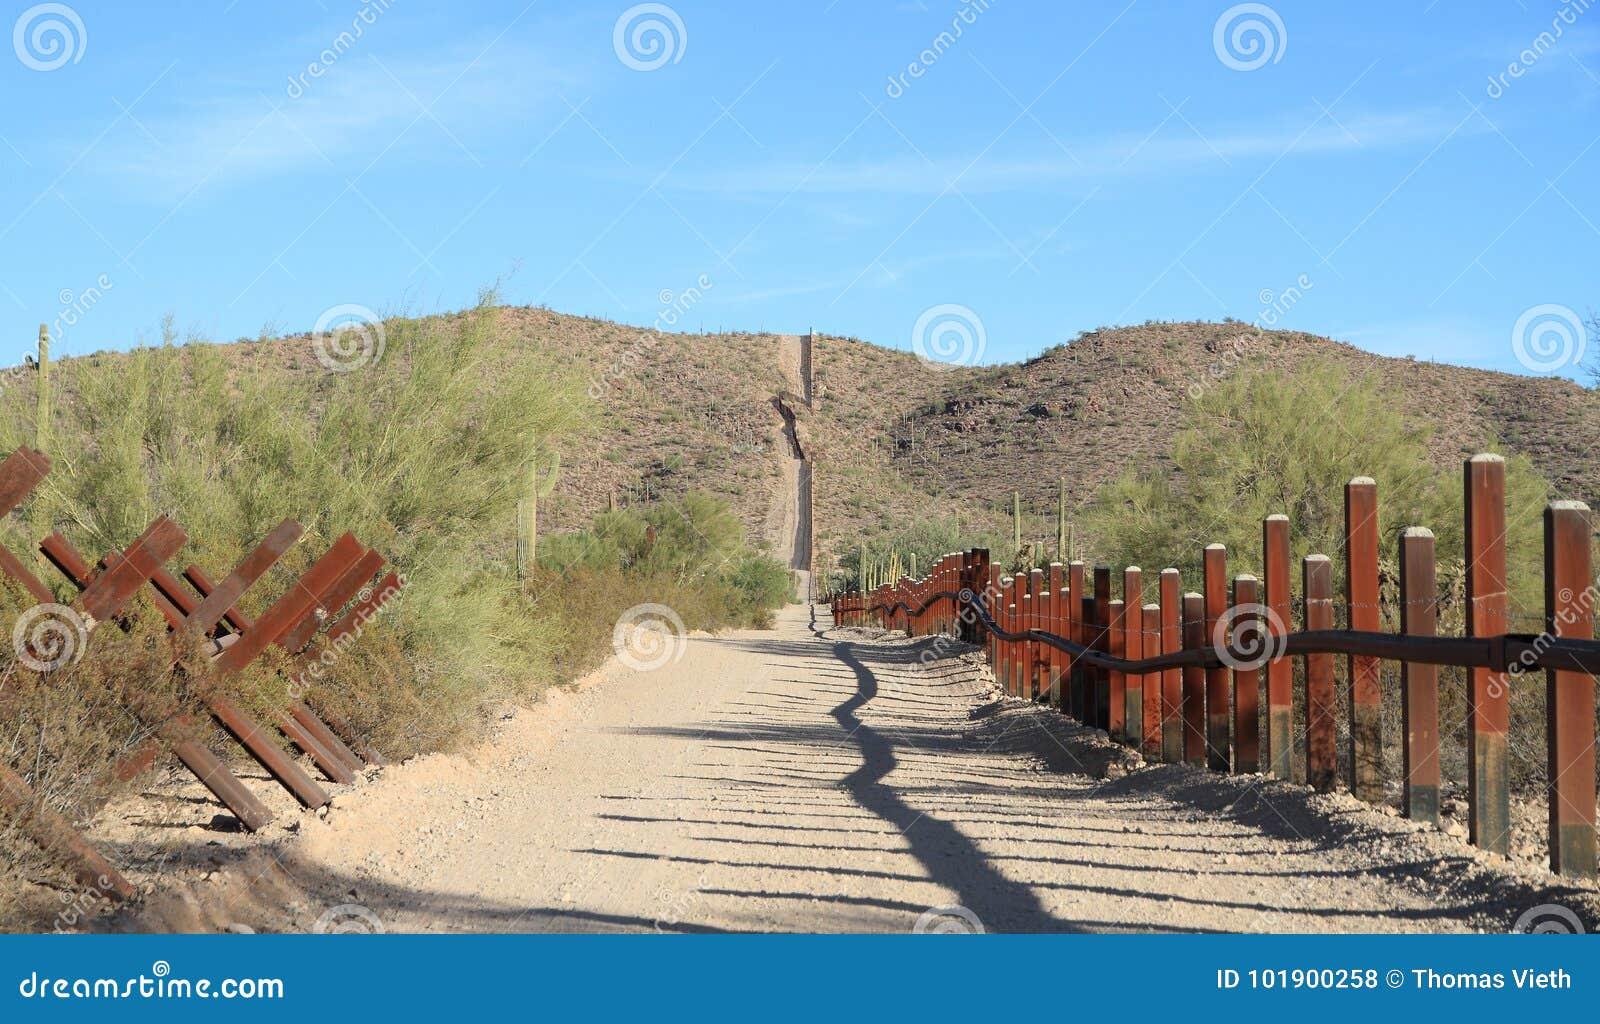 美国-墨西哥边界在Sonoran沙漠